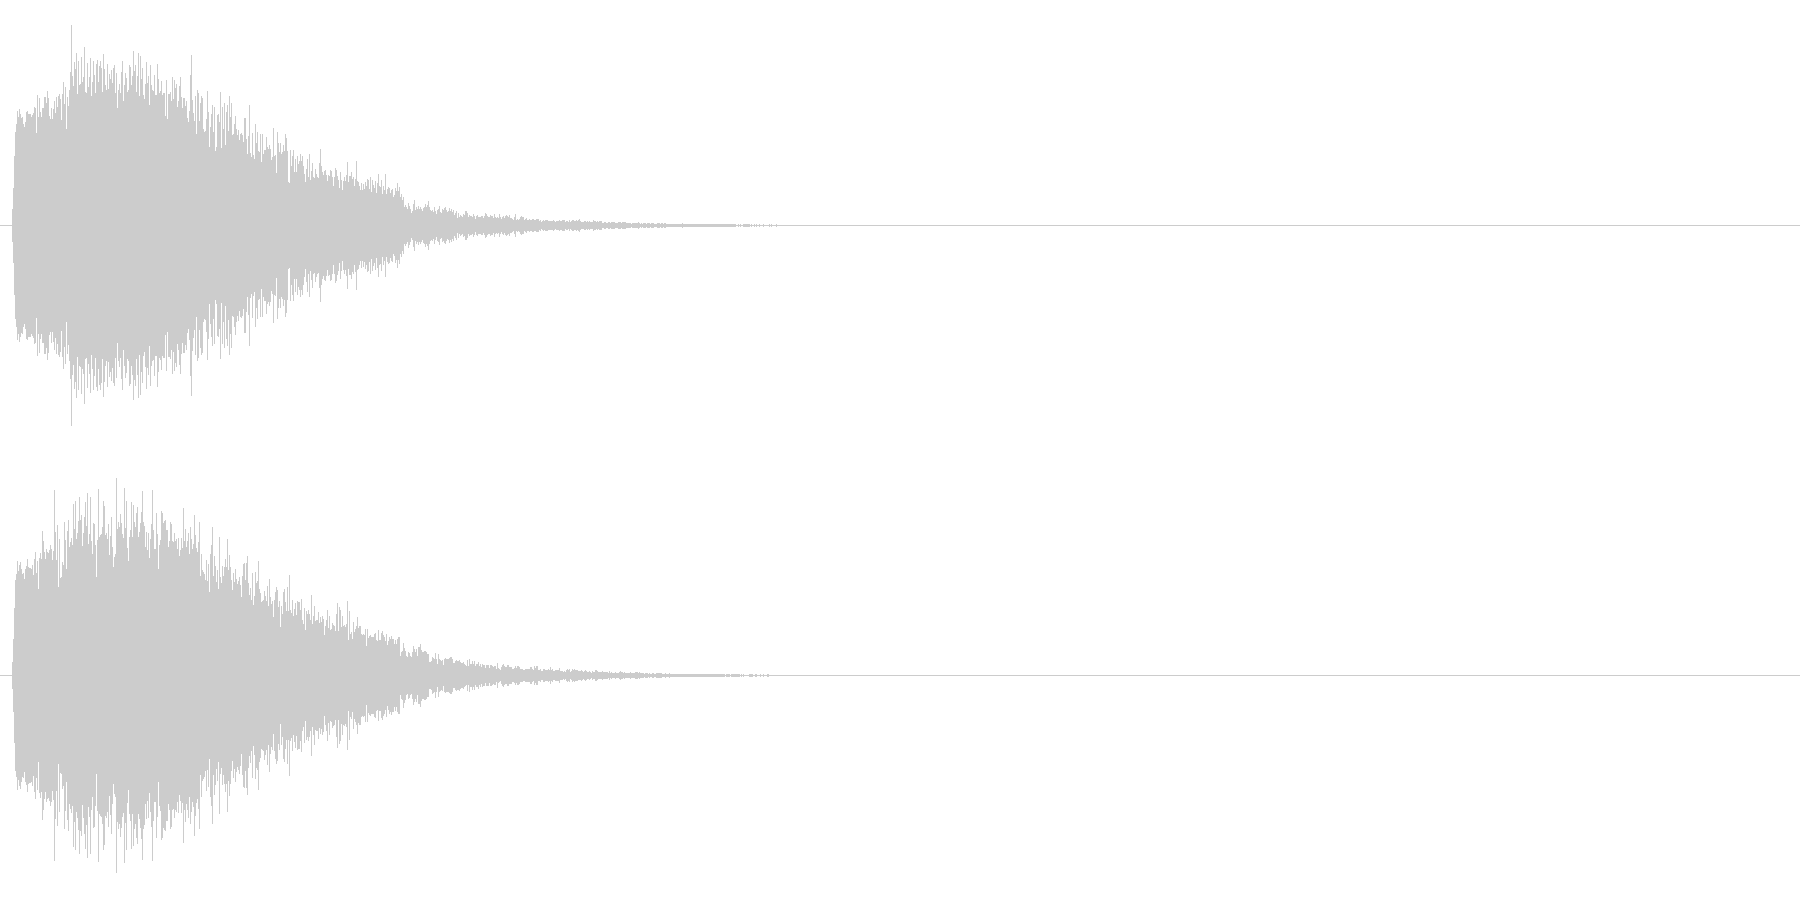 「キュイン!」輝く・レーザー発射の未再生の波形